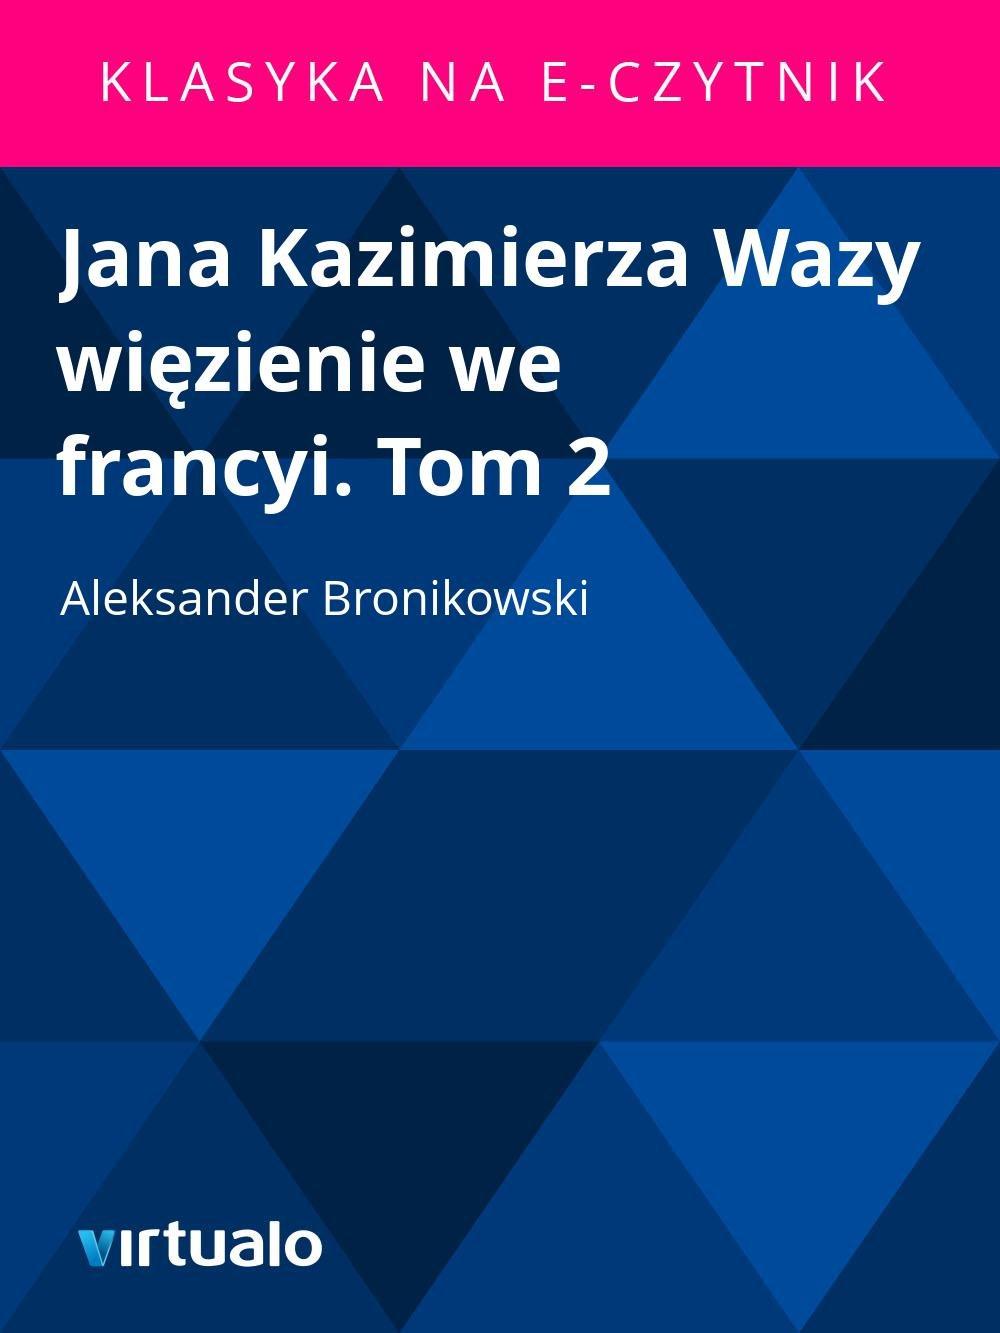 Jana Kazimierza Wazy więzienie we francyi. Tom 2 - Ebook (Książka EPUB) do pobrania w formacie EPUB